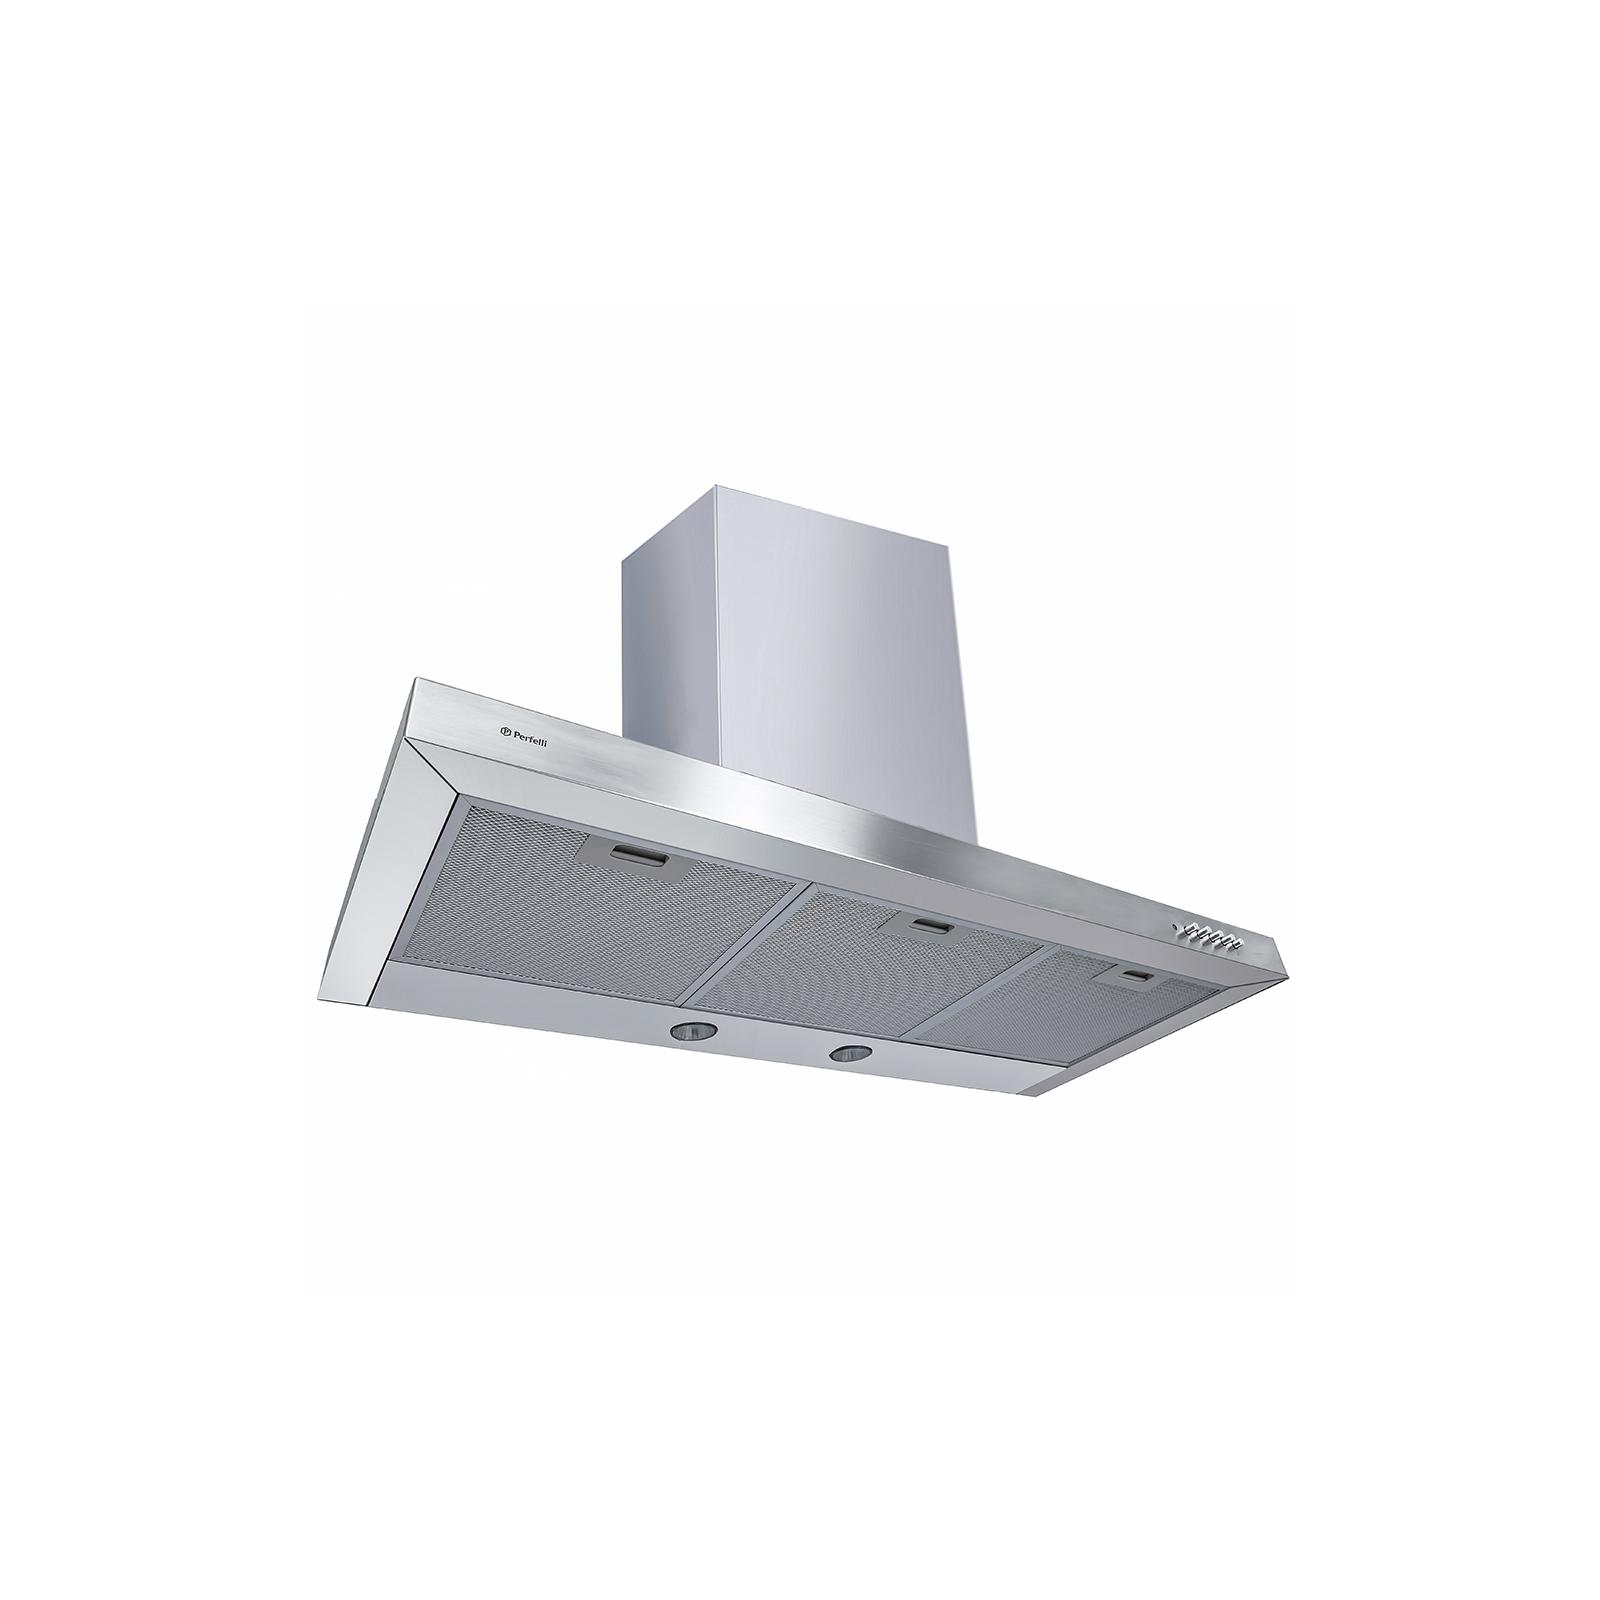 Вытяжка кухонная PERFELLI T 9101 I изображение 4